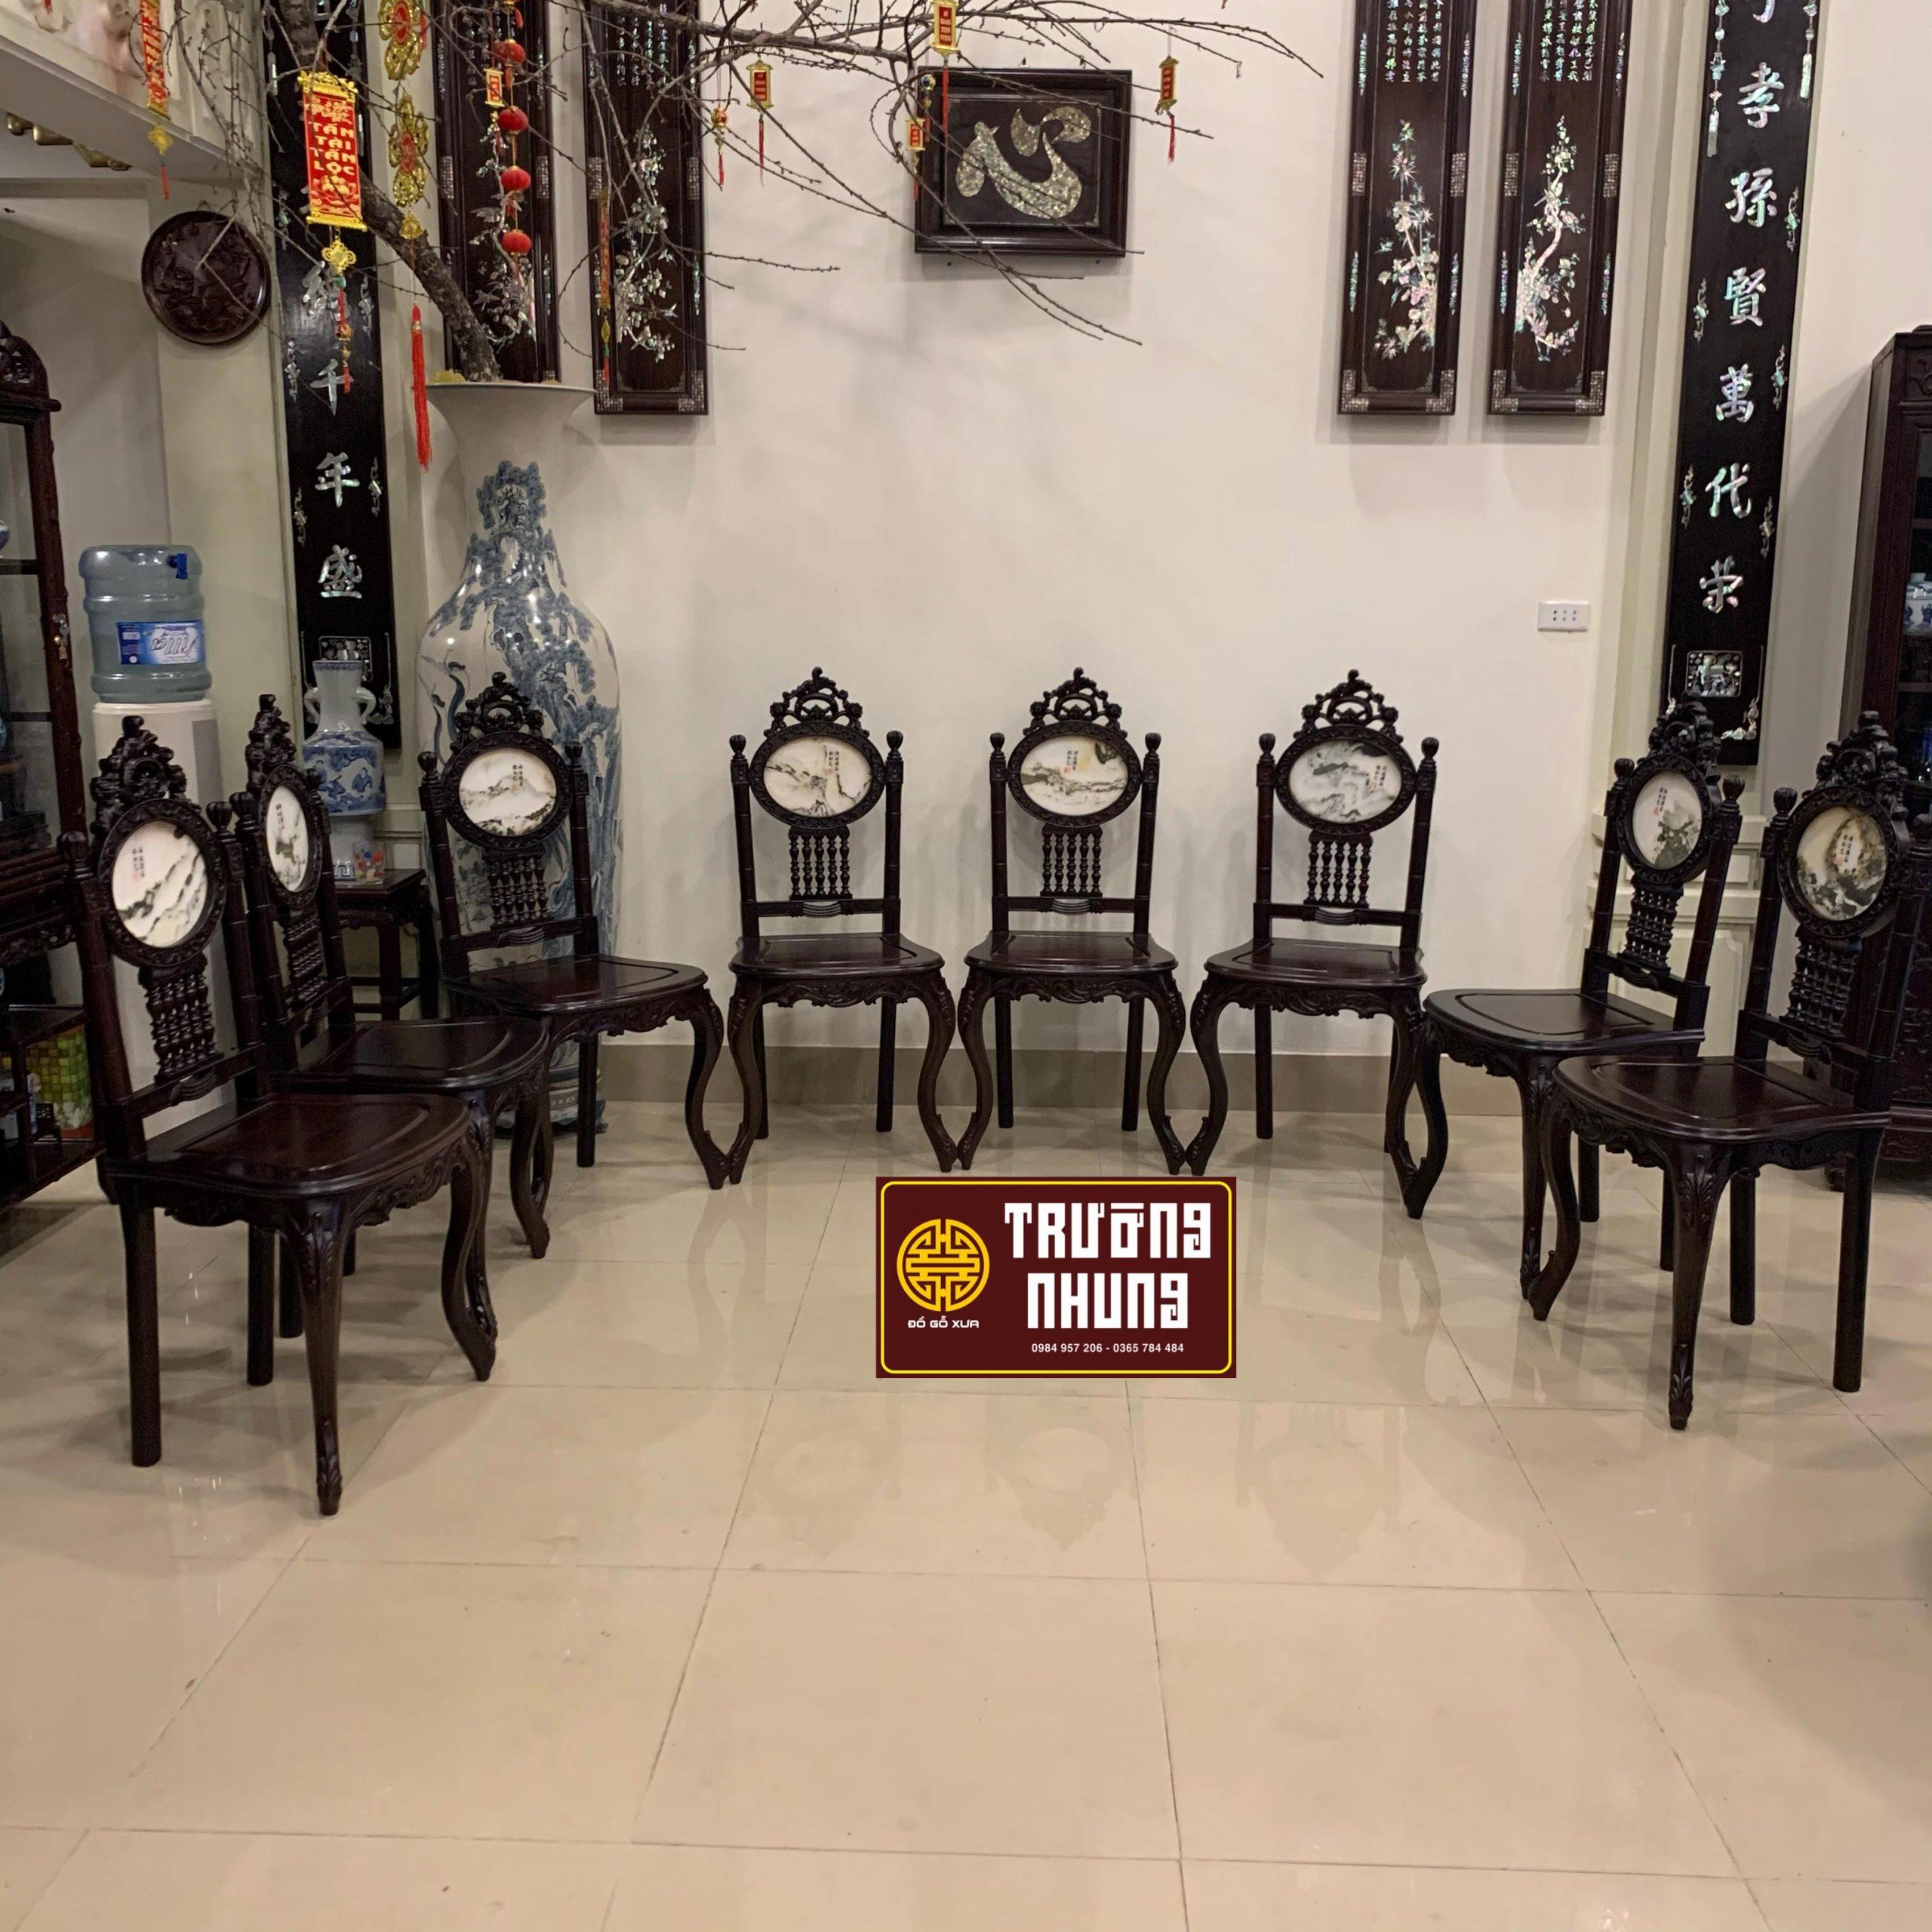 bộ - ghê - ăn - louis - đẹp - lối - cổ - xưa - bộ - bàn - ghế - kiểu - pháp - cổ - ĐỒ - GỖ - CỔ - XƯA - TRƯỜNG - NHUNG